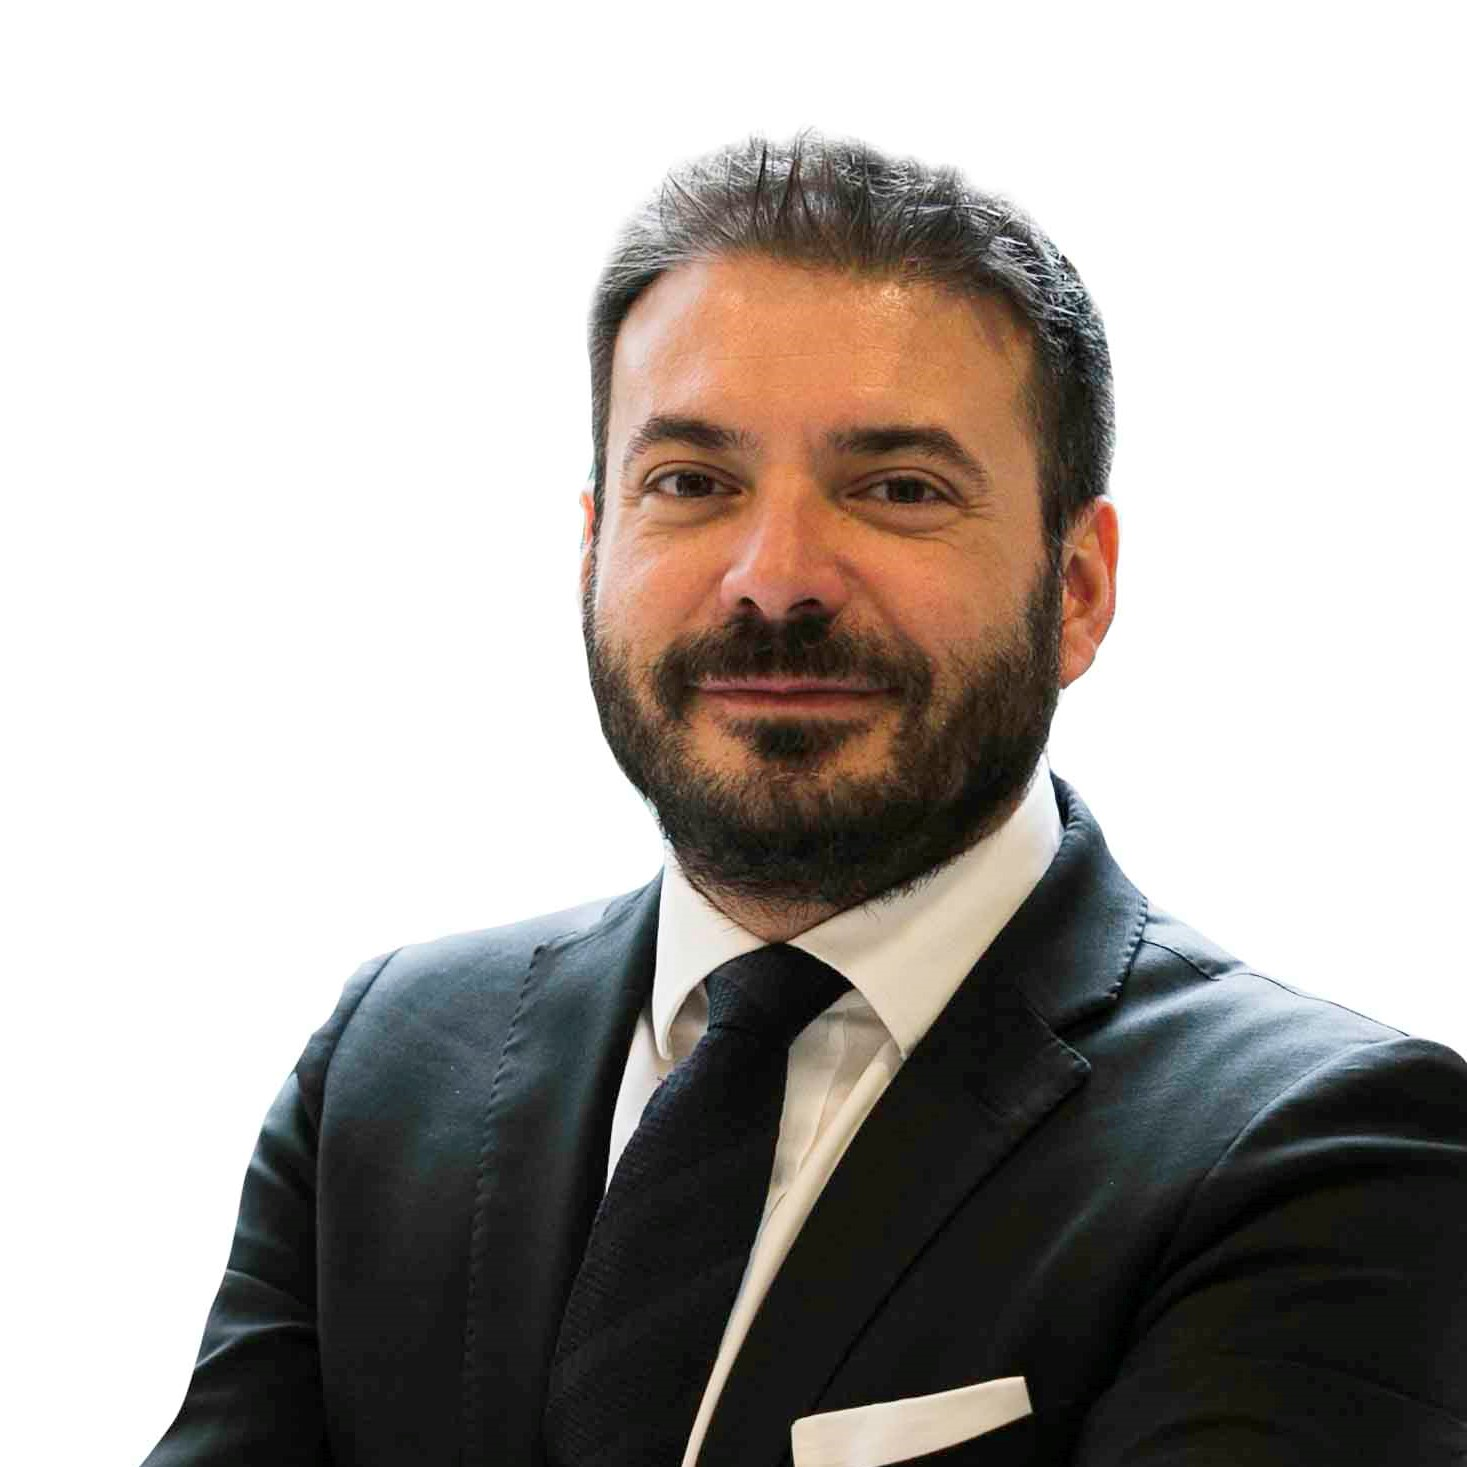 Alessio Pennasilico, membro del comitato scientifico del Clusit